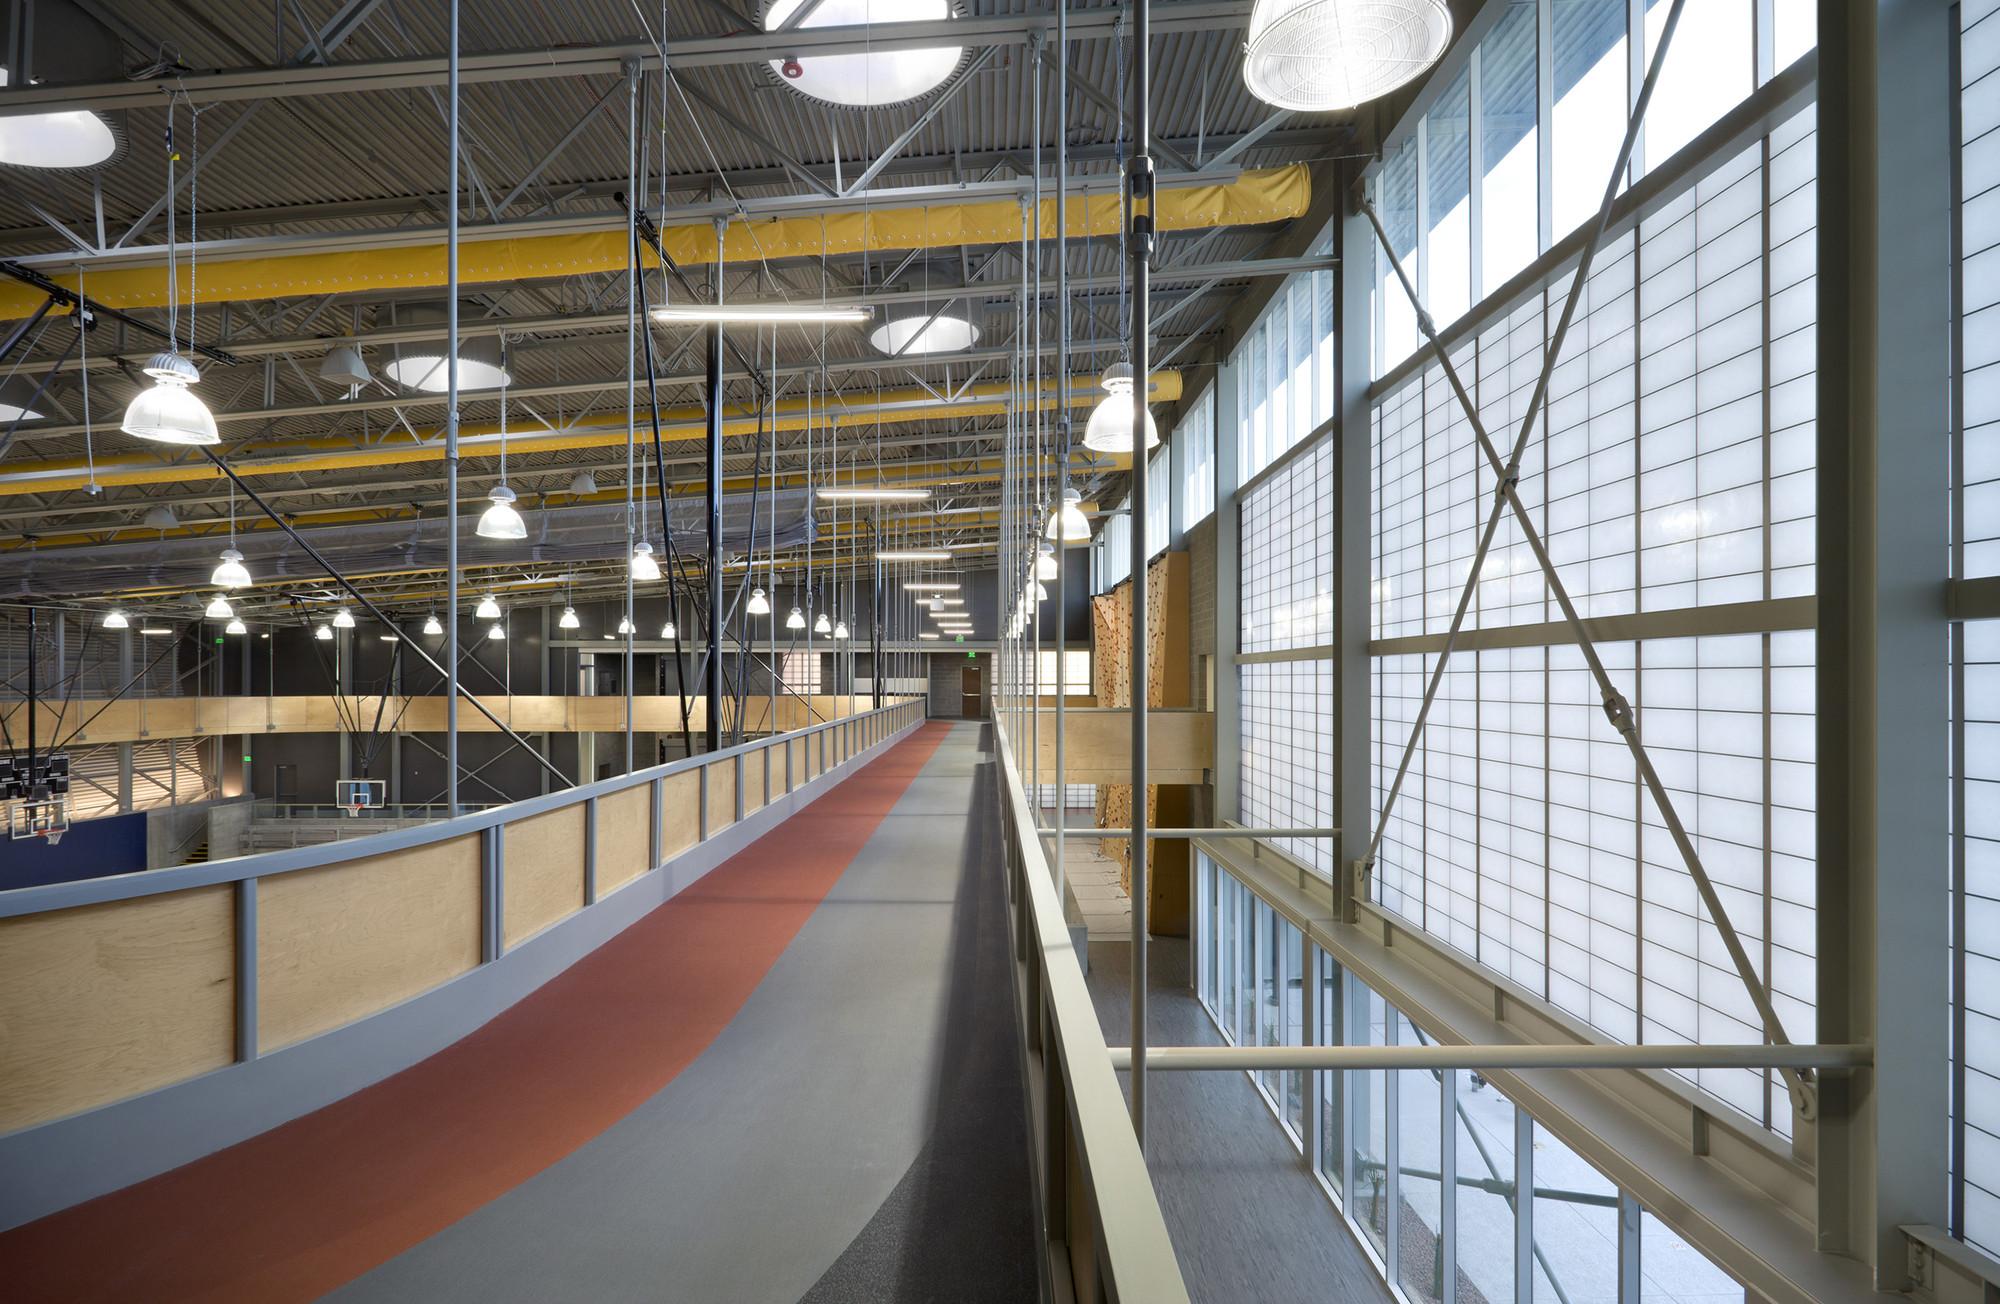 Дизайн спортивного комплекса: верхний уровень